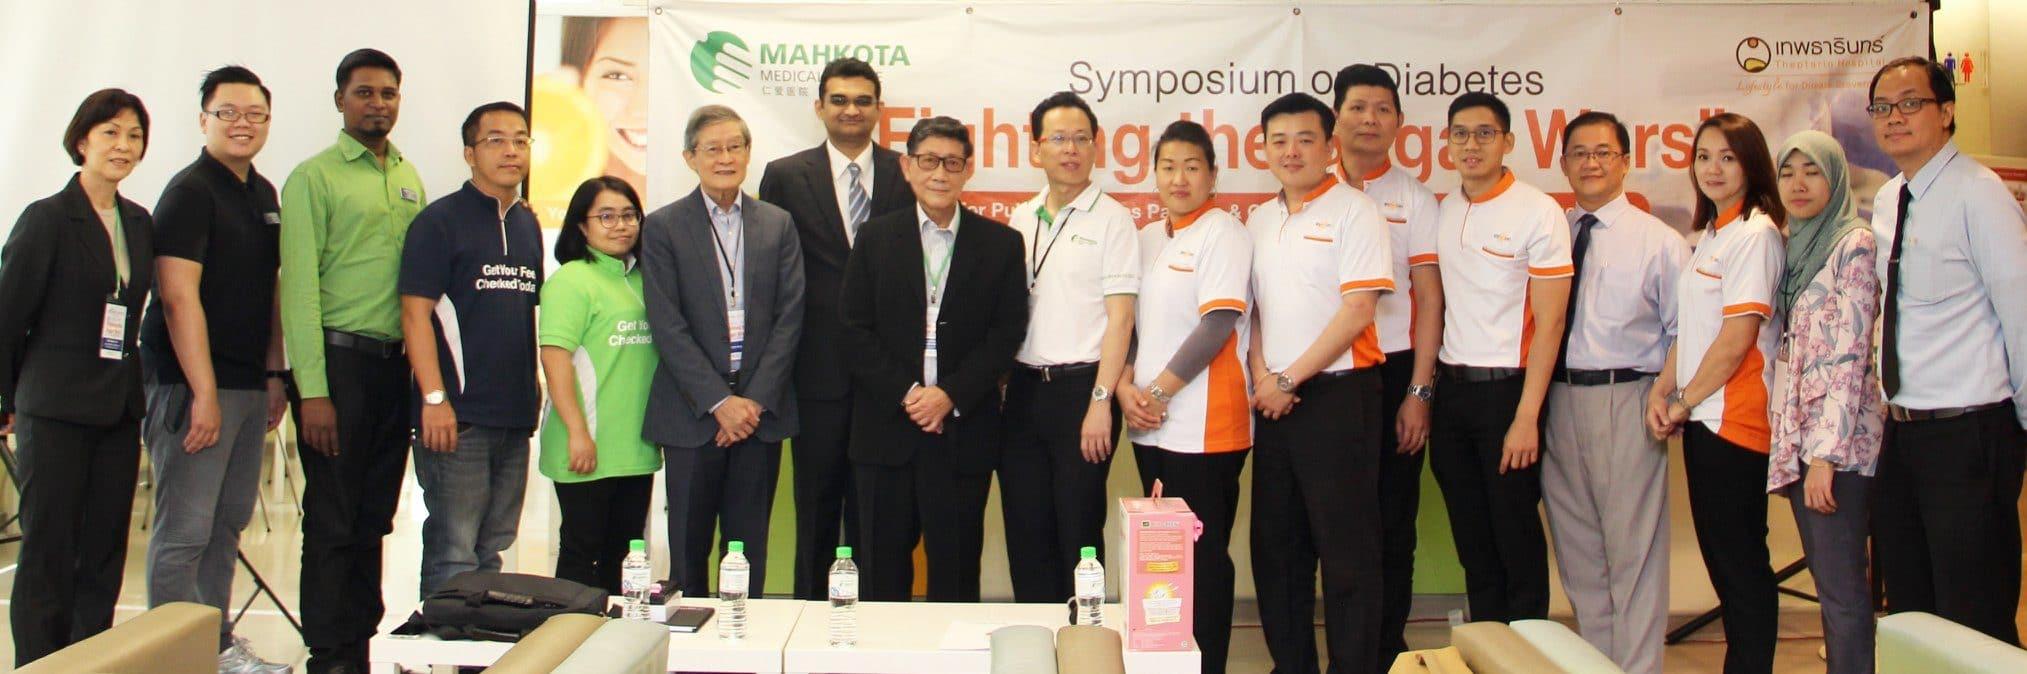 Symposium on Diabetes